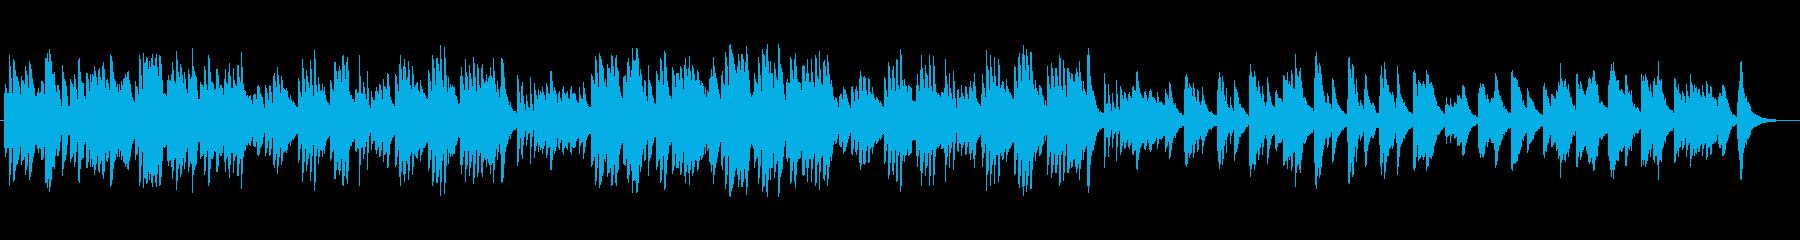 ピアノの調べが美しいイージーリスニングの再生済みの波形